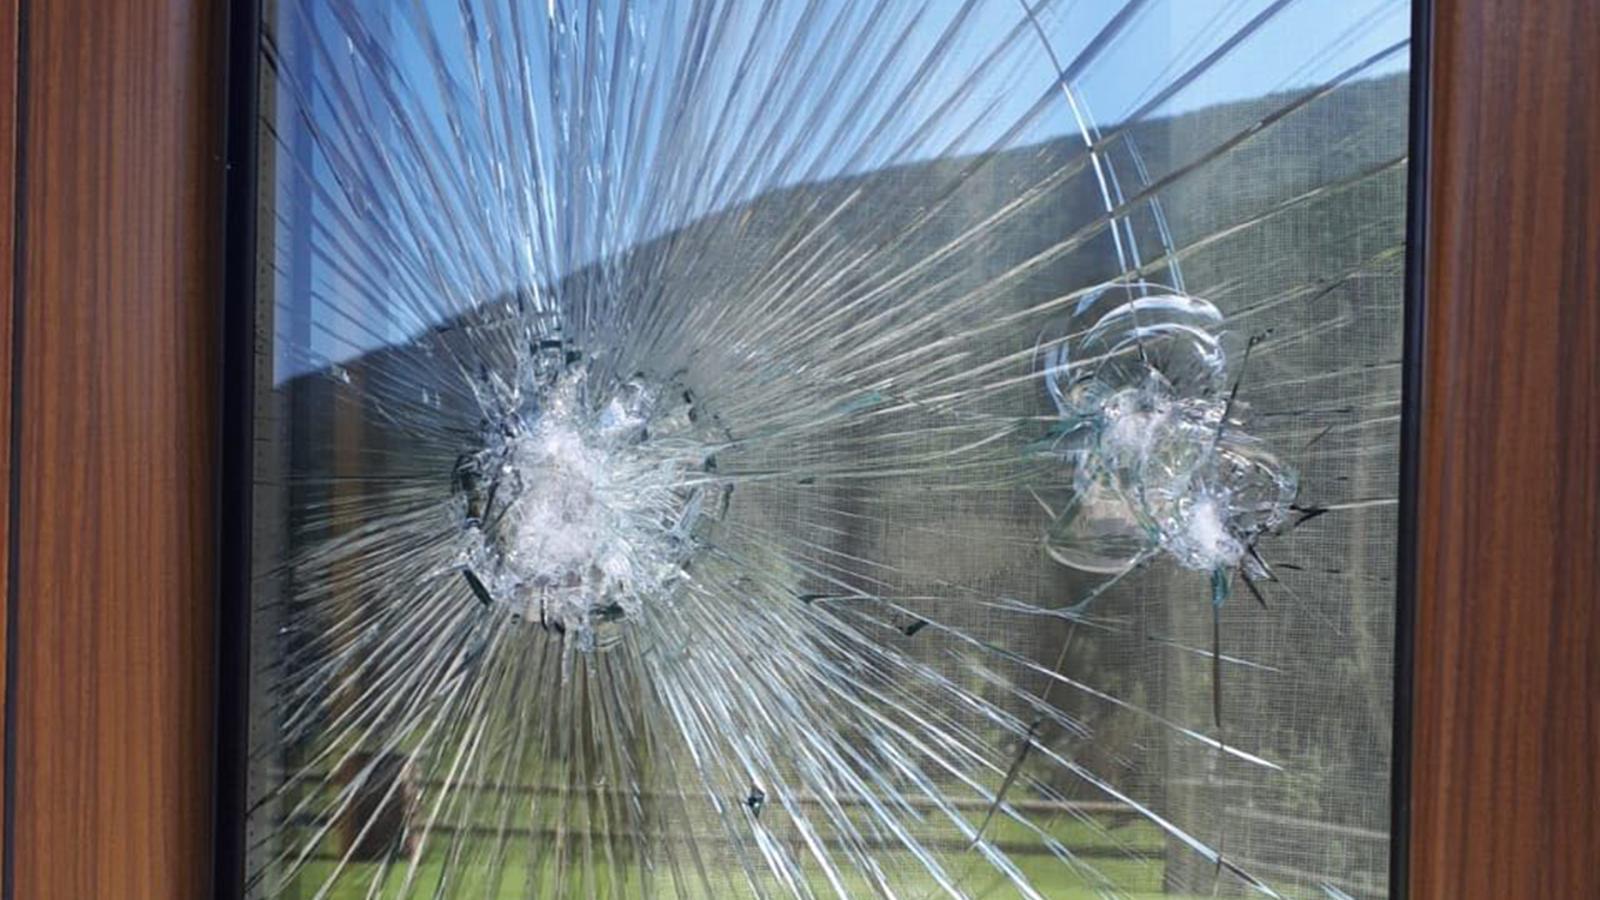 Un dels vidres trencats a la borda de la vall d'Incles. / ANA